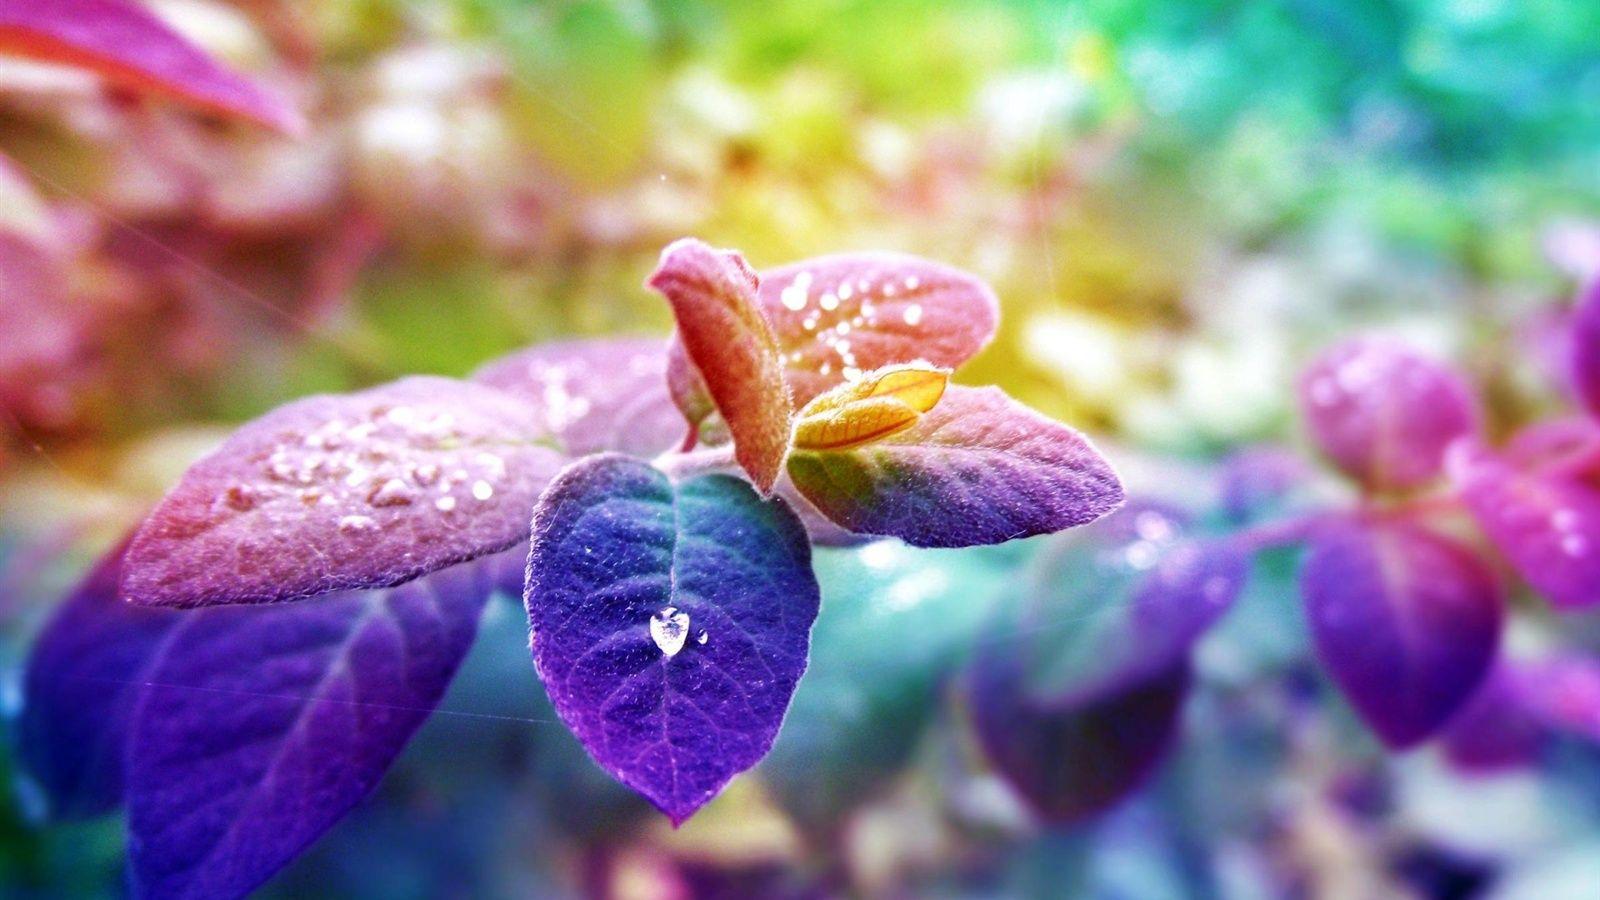 Feuilles Bleu Violet La Rosee Du Matin Fonds D Ecran 1600x900 Fonds D Ecran De Telechargement Rosee Du Matin Fond Ecran Nature Feuille